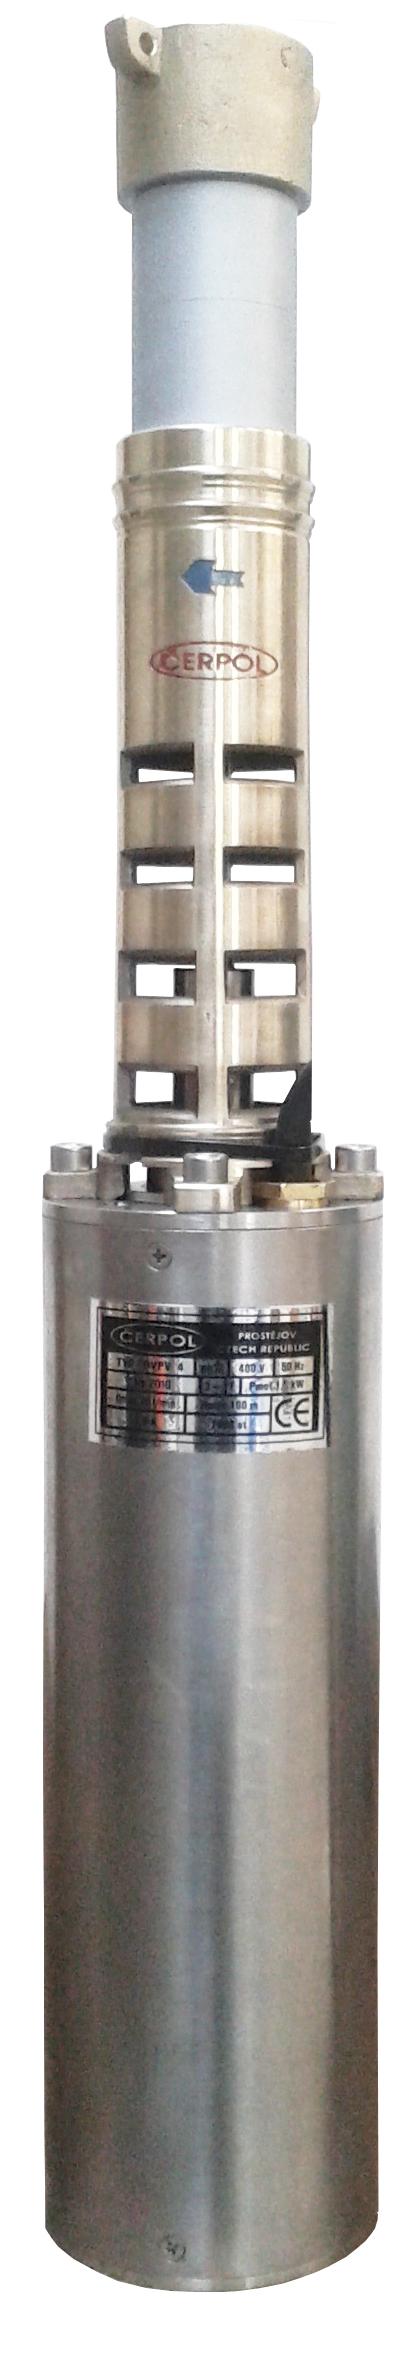 ČERPOL Olczak Čerpol OVP-V4 (400V) vřetenové čerpadlo ø 110mm - 25m kabel